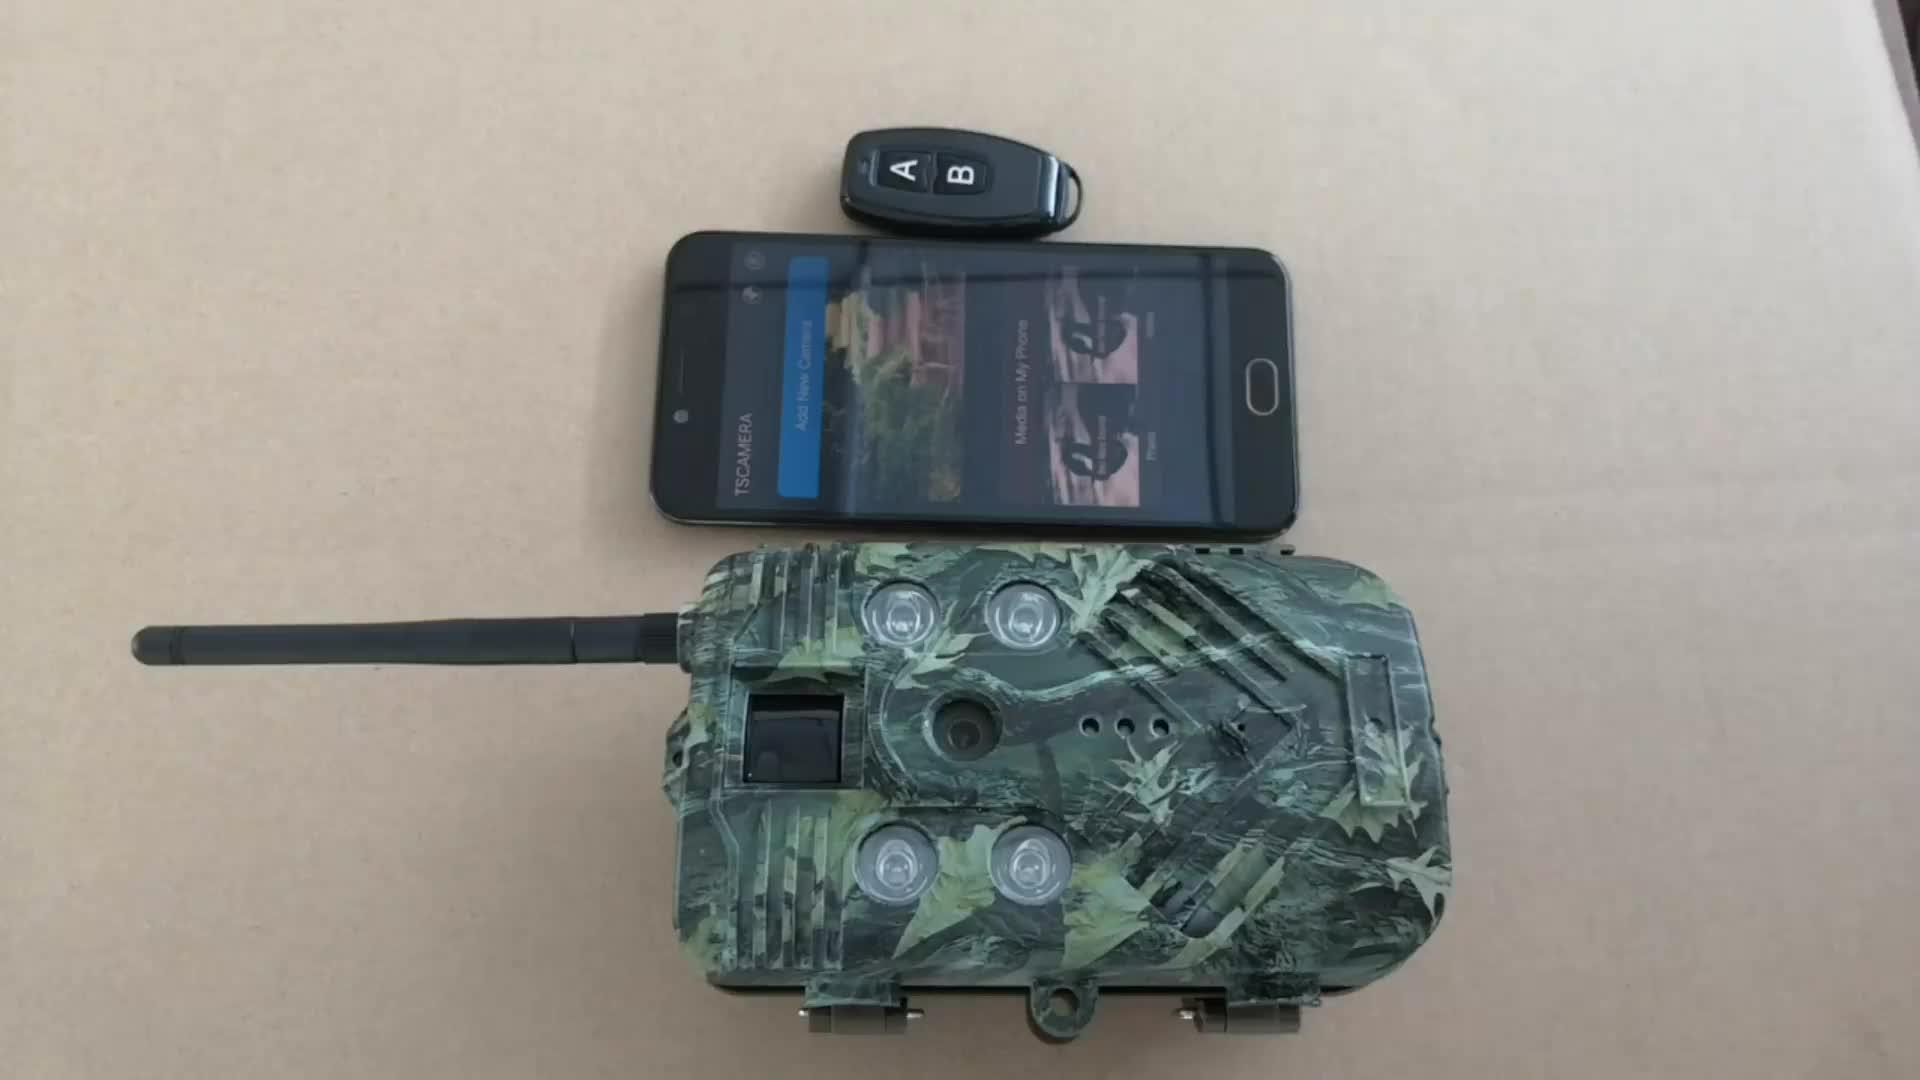 20 MP Invisibled IR Point Chaud WiFi Télécommande Caméra De Piste de Chasse pour la Chasse Au Cerf